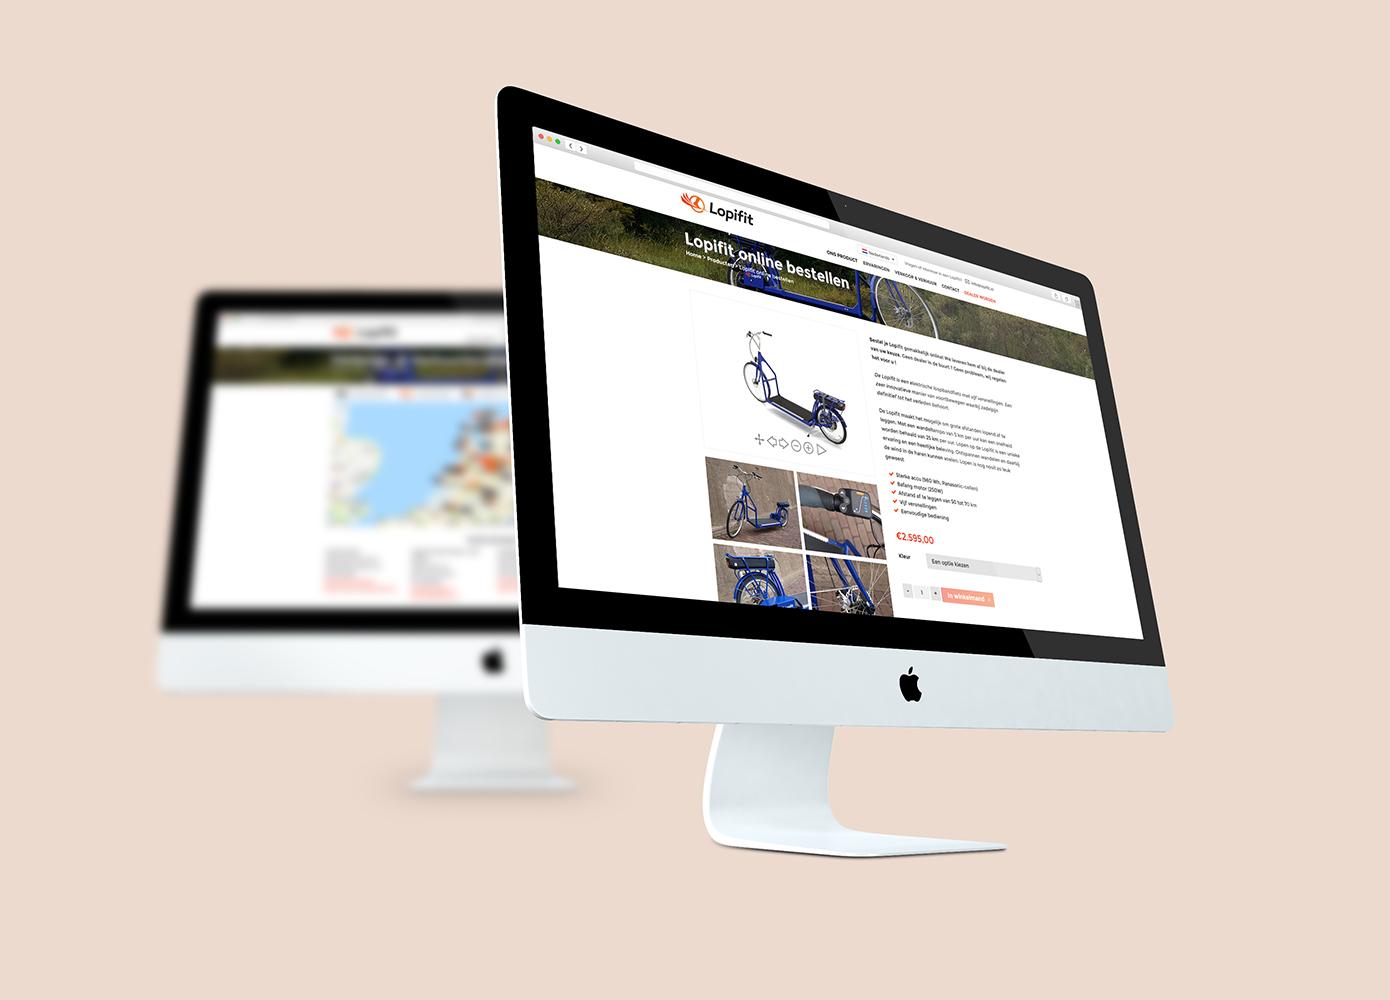 Webshop ontwerp Lopifit